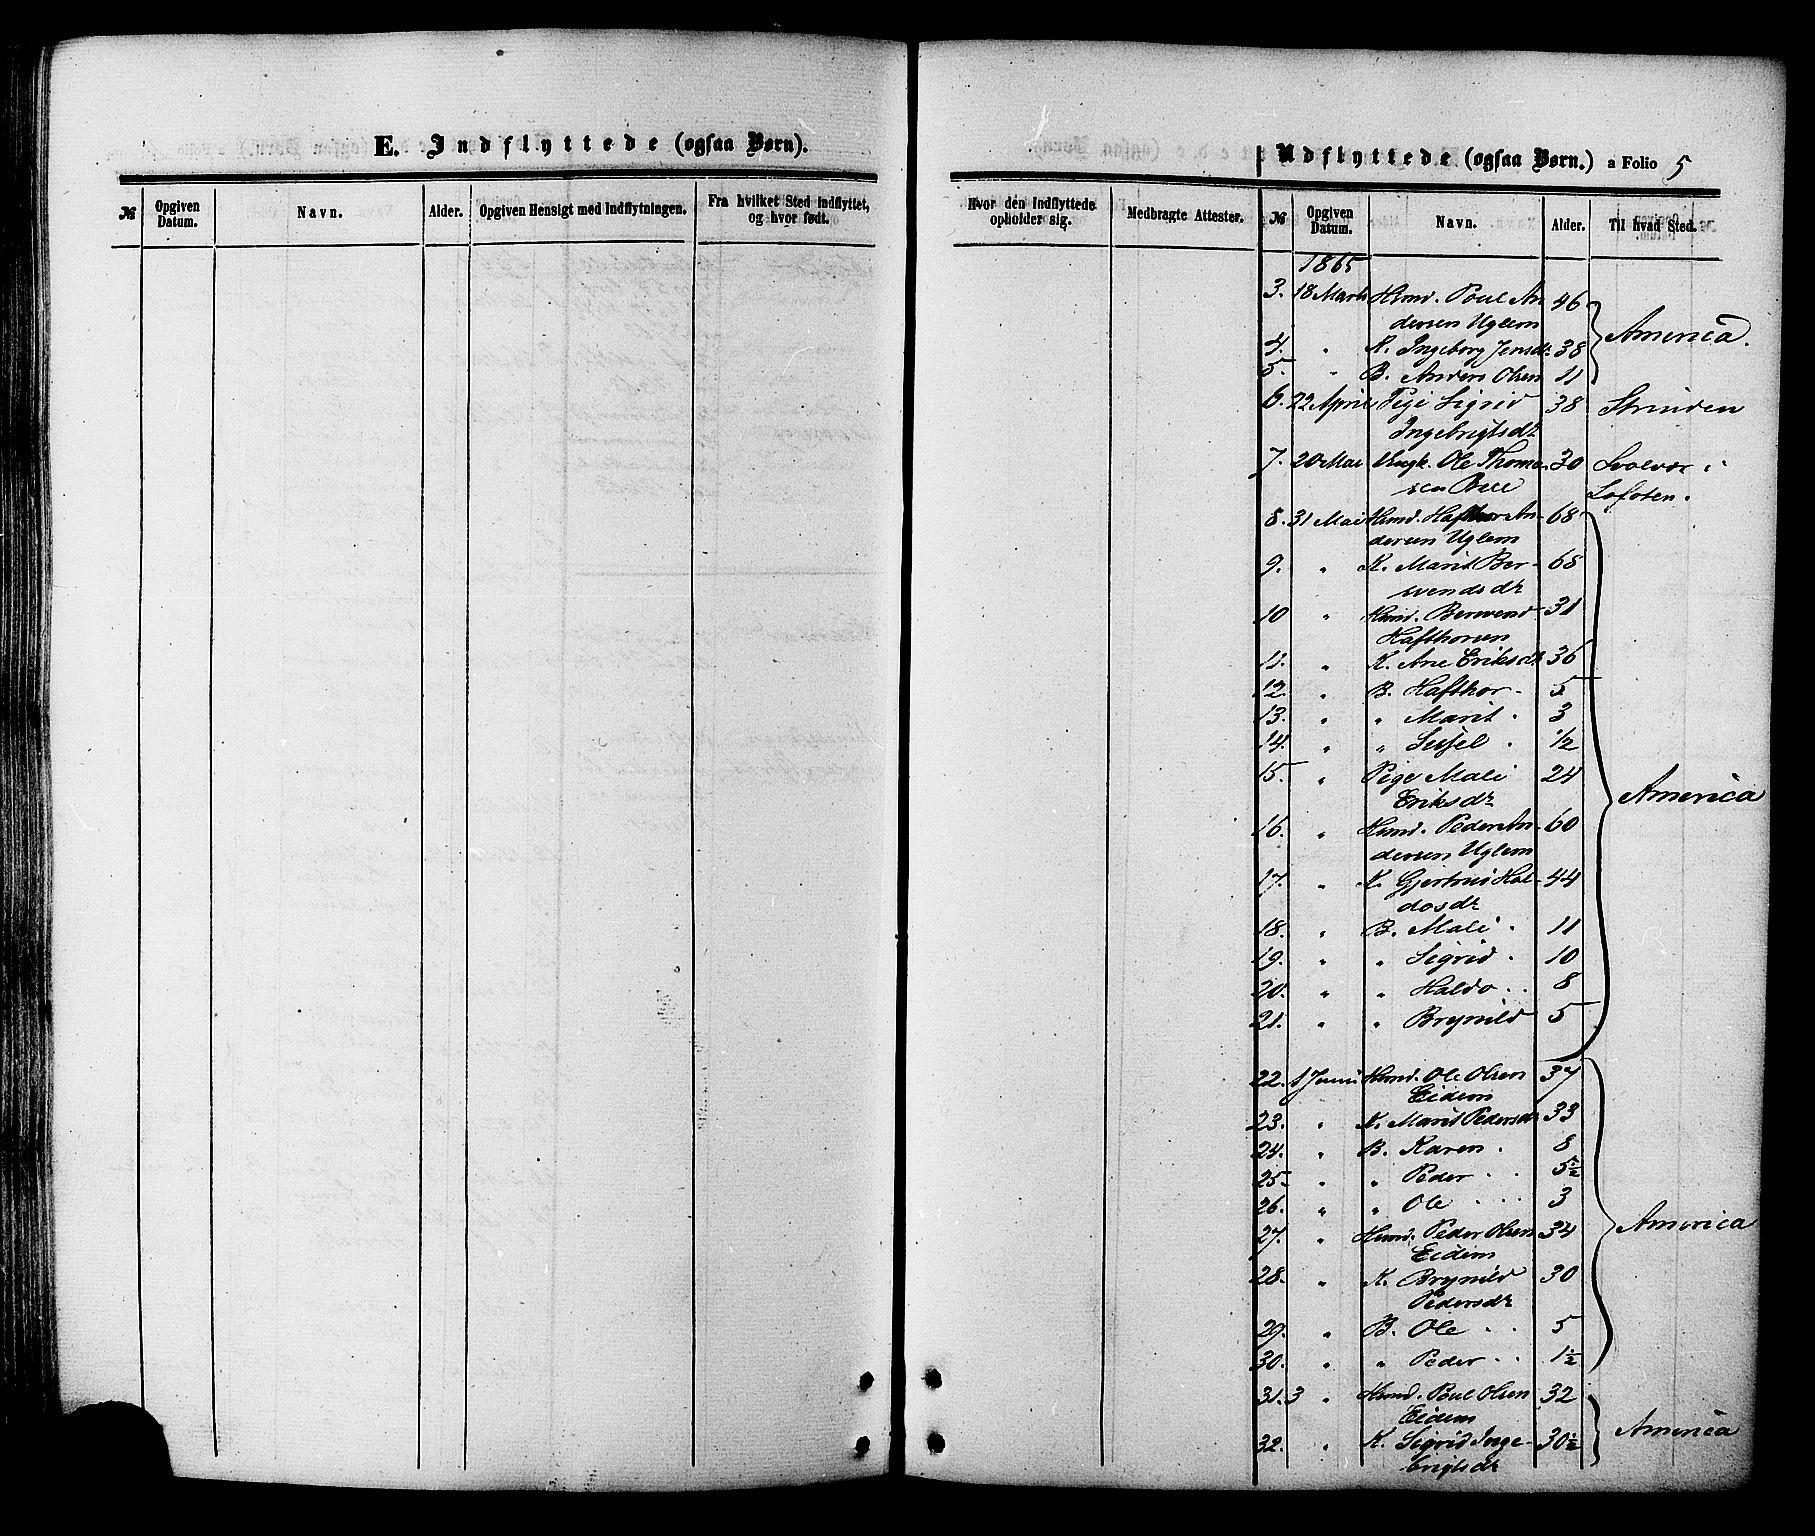 SAT, Ministerialprotokoller, klokkerbøker og fødselsregistre - Sør-Trøndelag, 695/L1147: Ministerialbok nr. 695A07, 1860-1877, s. 5